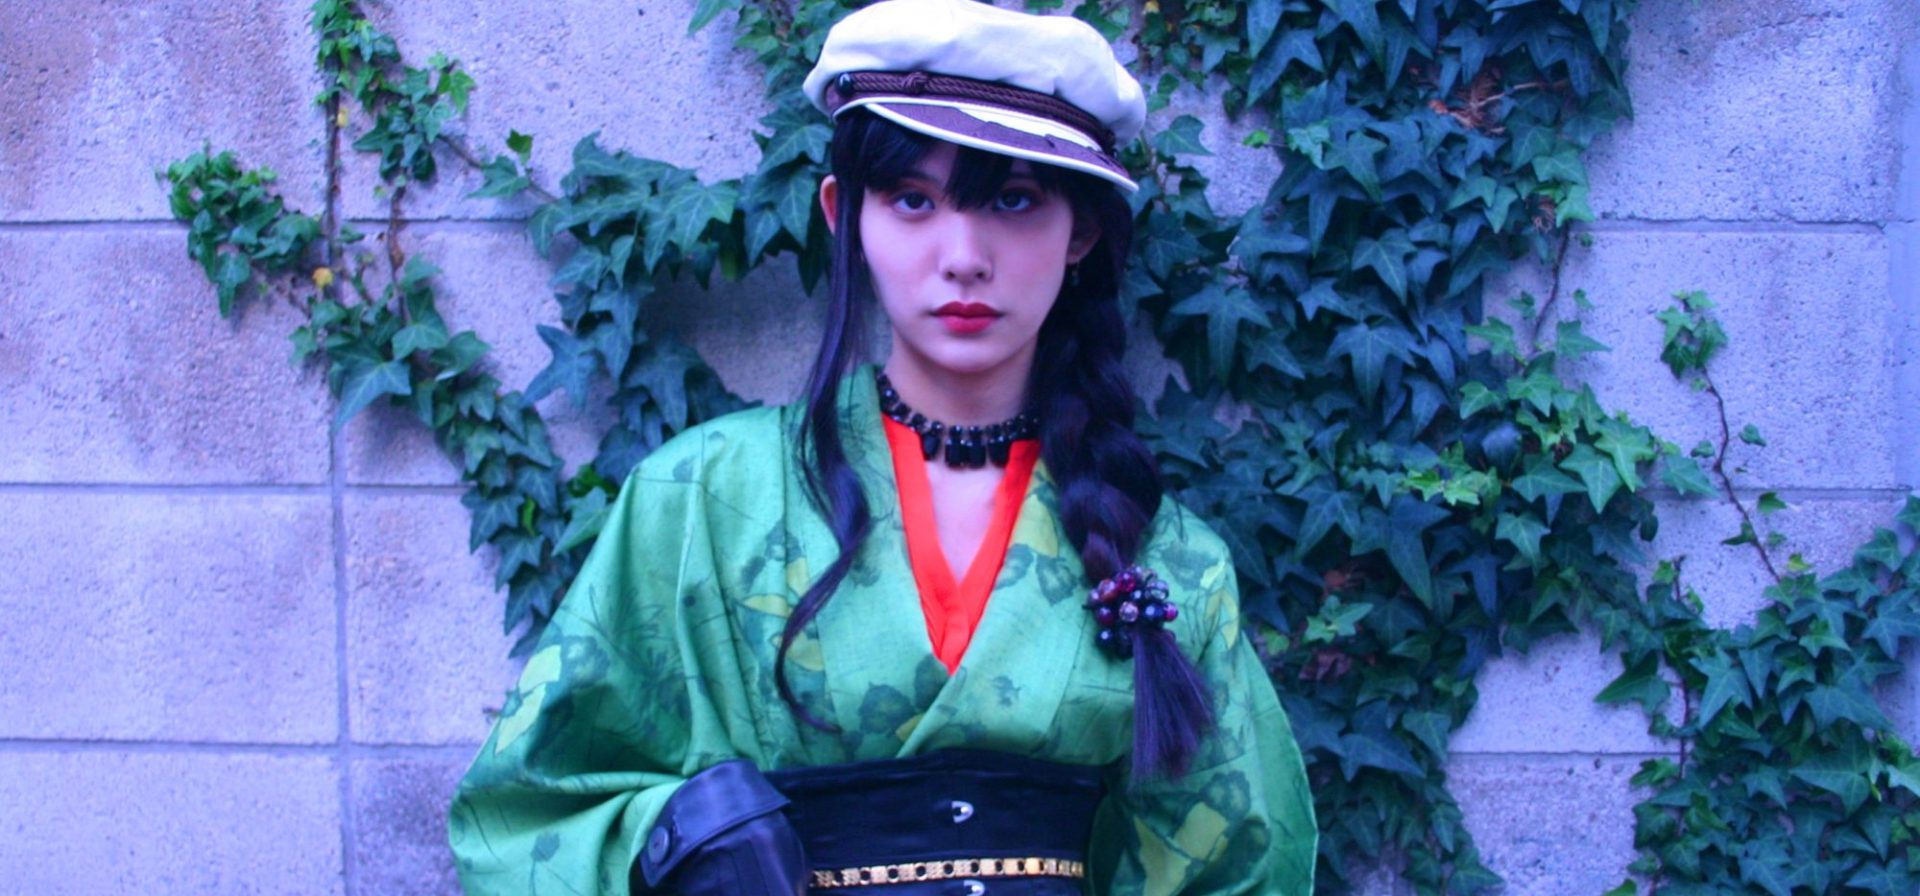 ◆昨日のネオKimonoスタイリングのお客様の写真一部公開◆